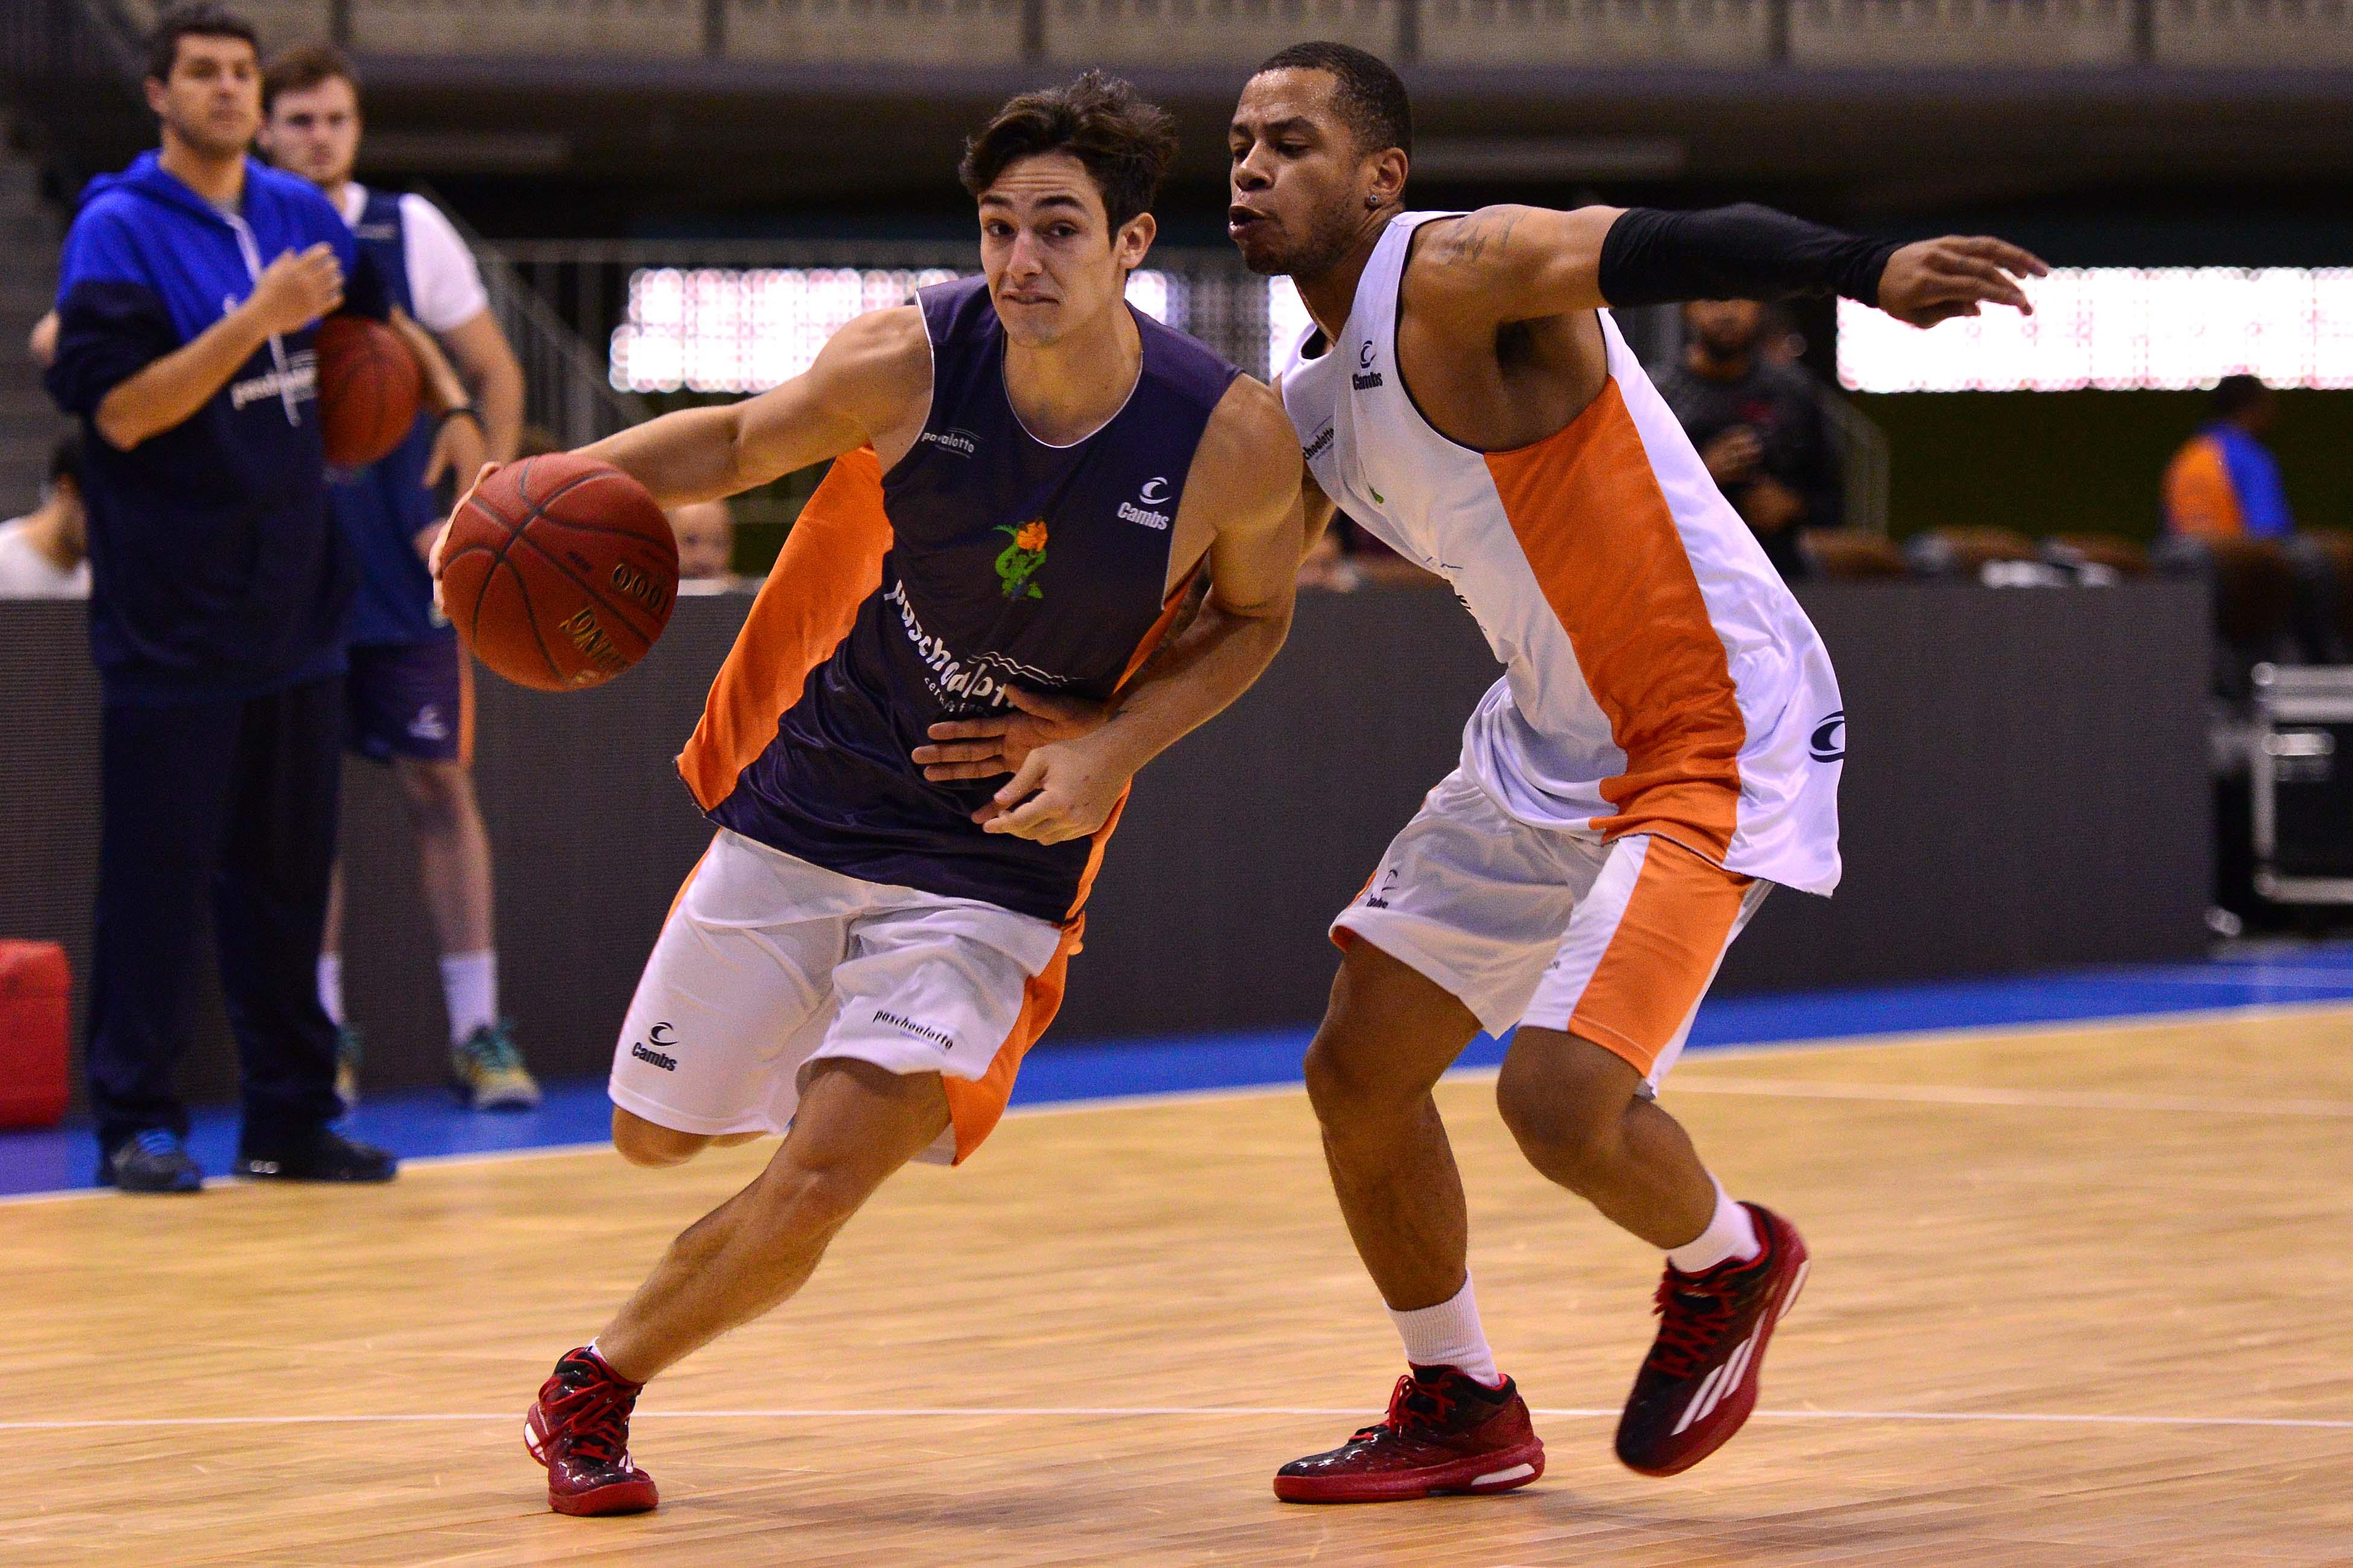 Ricardo Fischer e Carioca, do Bauru